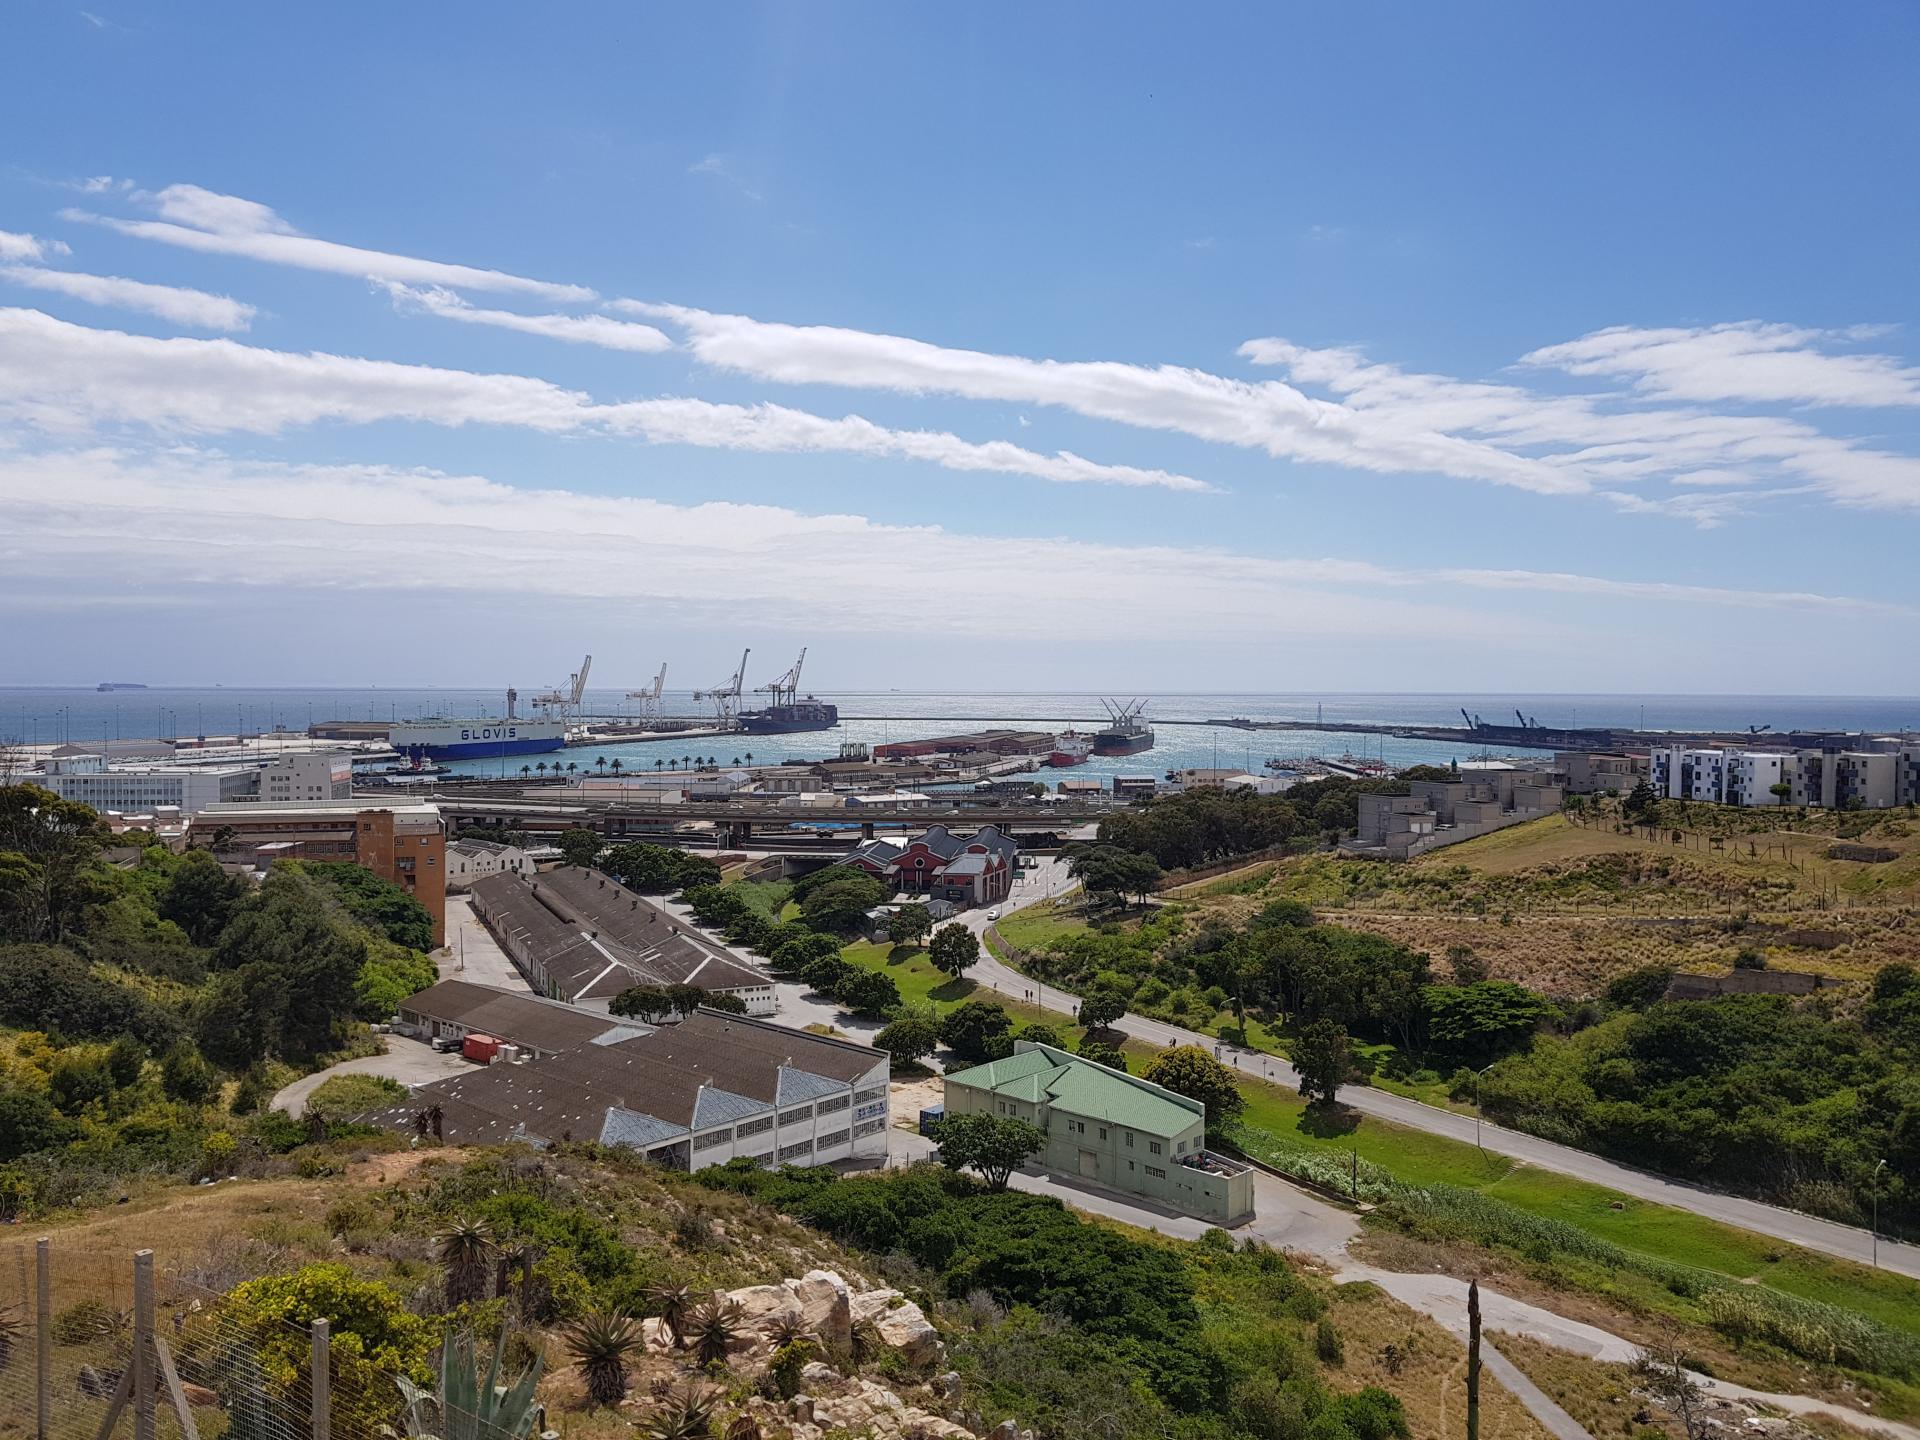 Вид на морской порт города Порт-Элизабет: